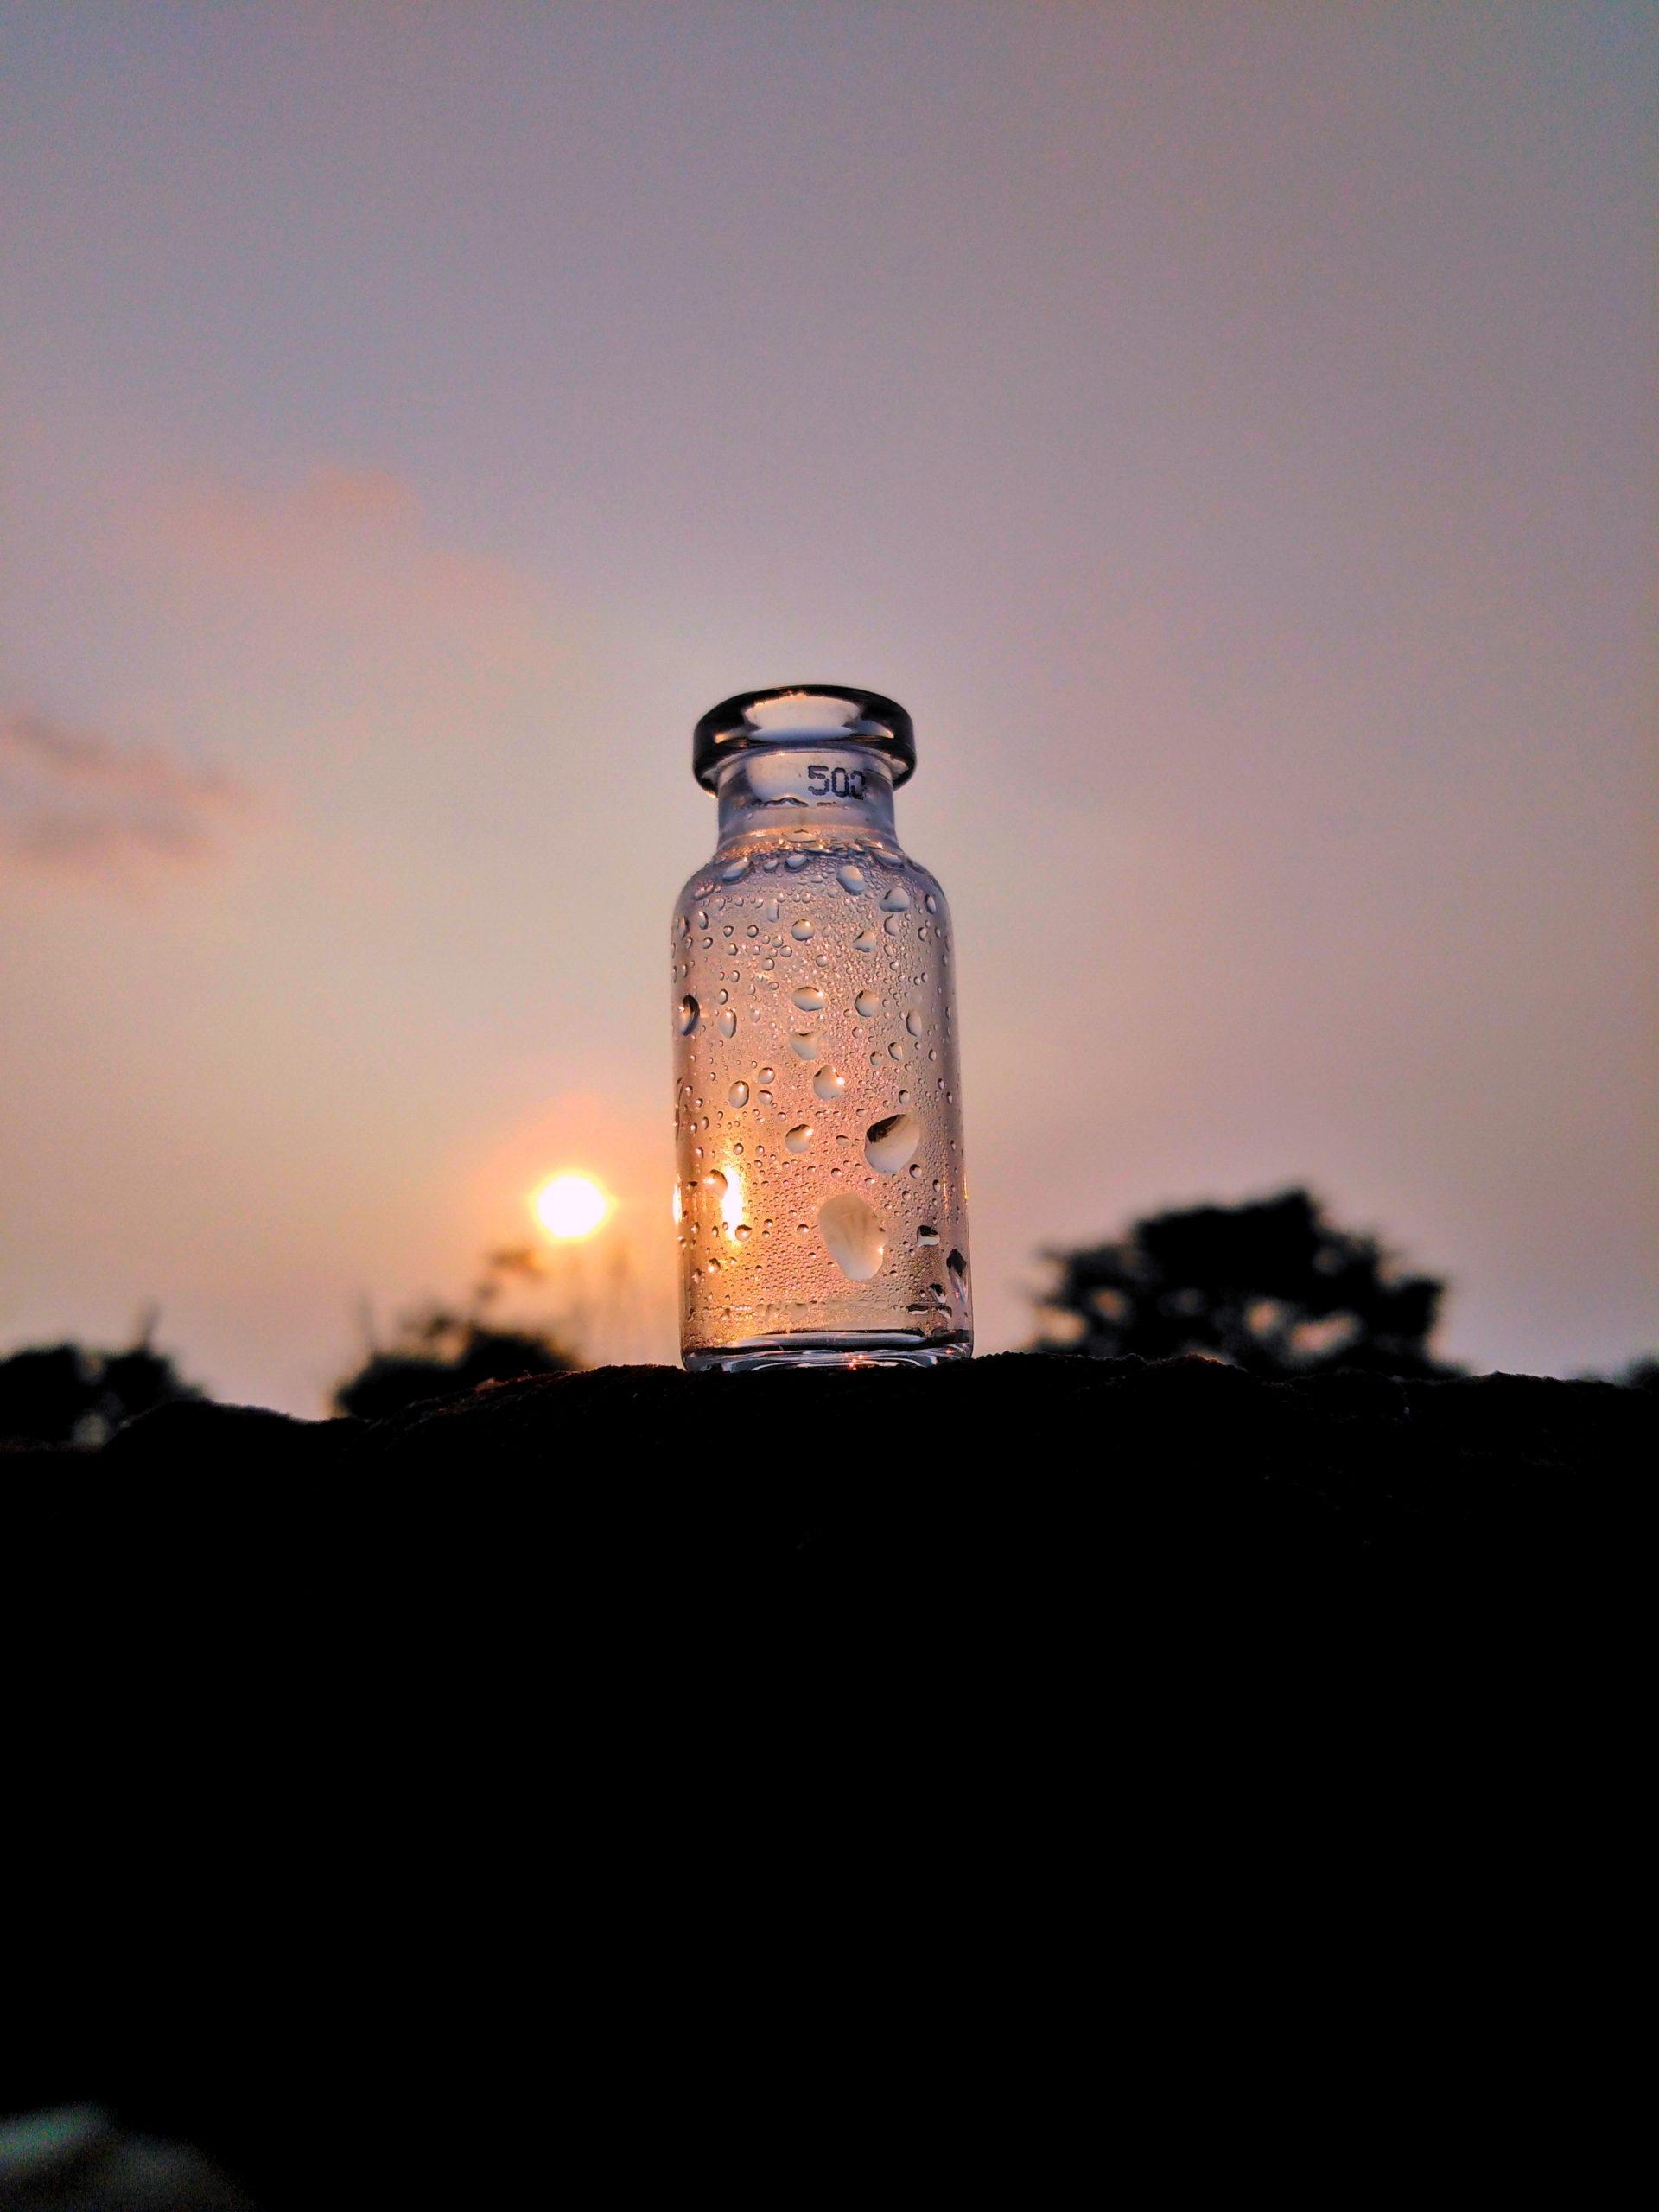 drops on bottle against sunlight